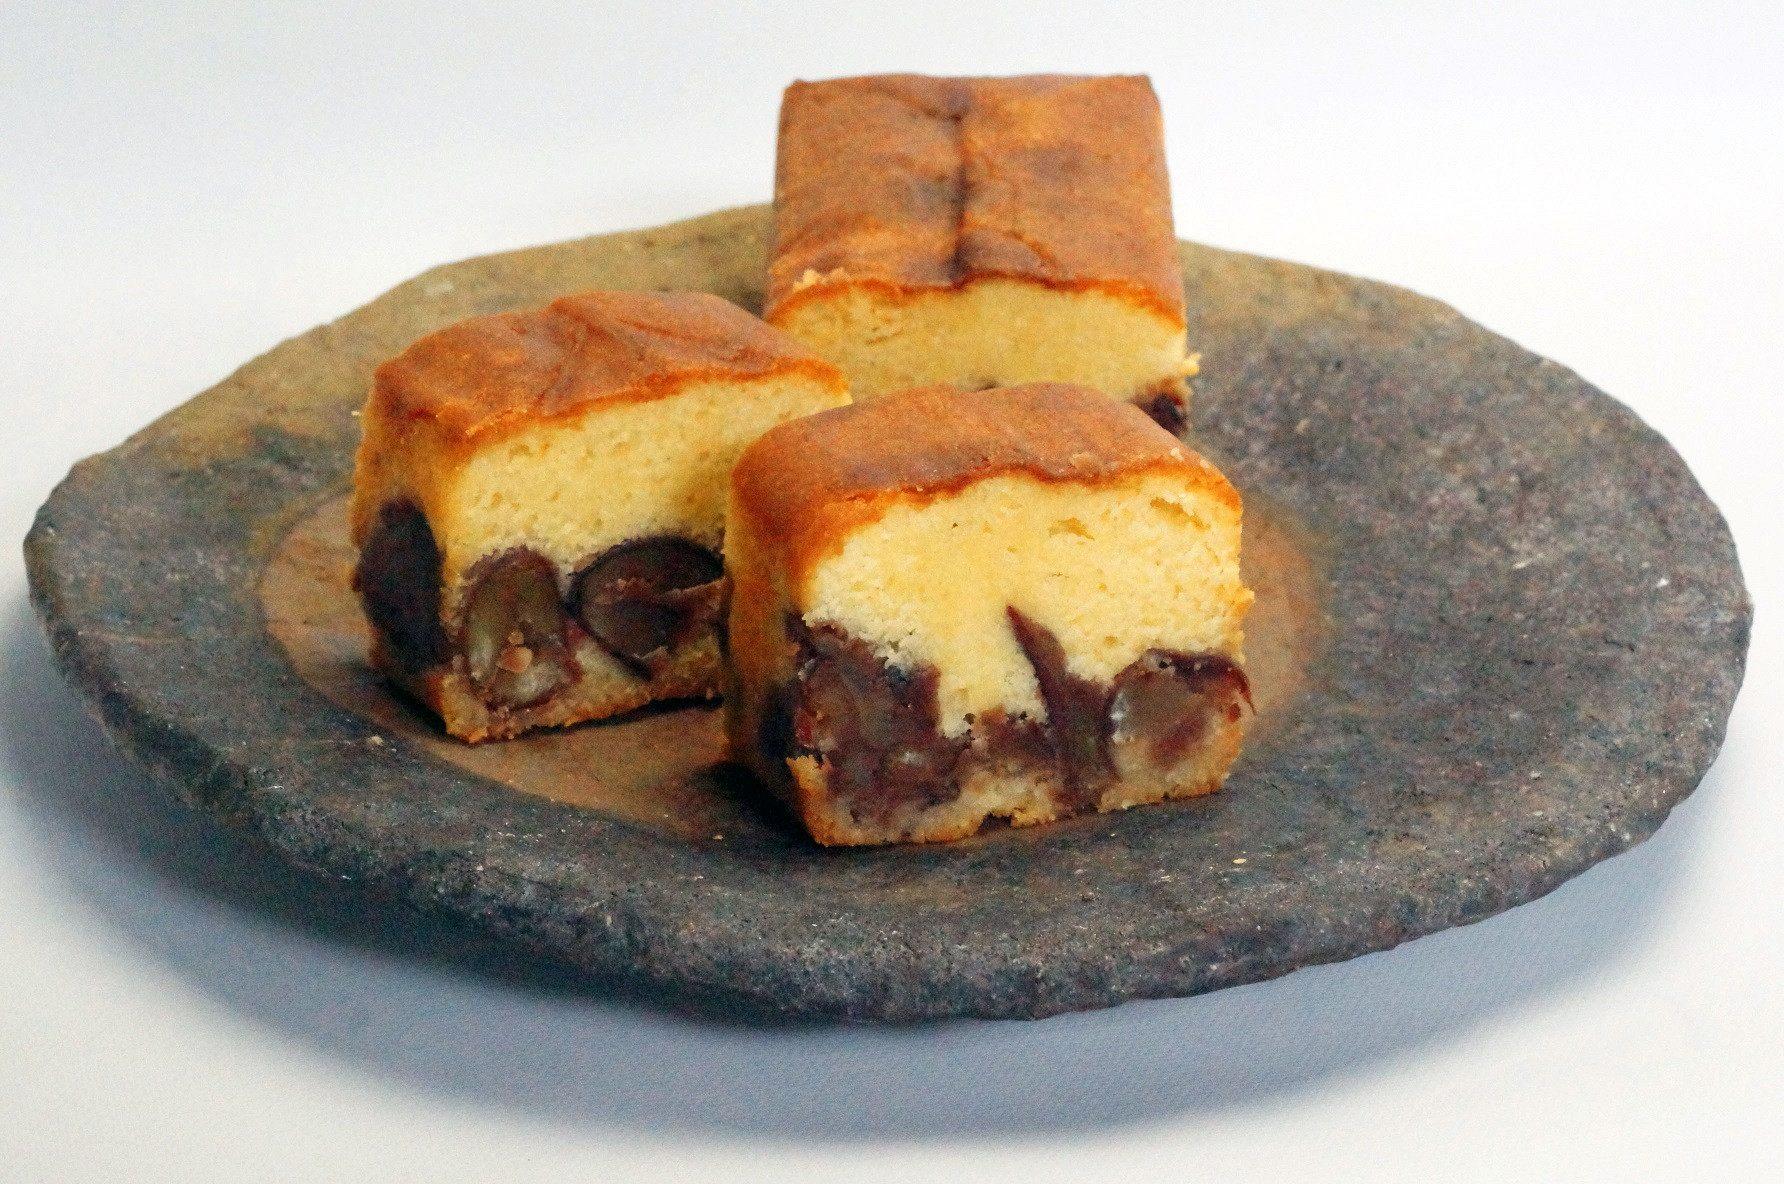 和風栗子蛋糕3726日圓